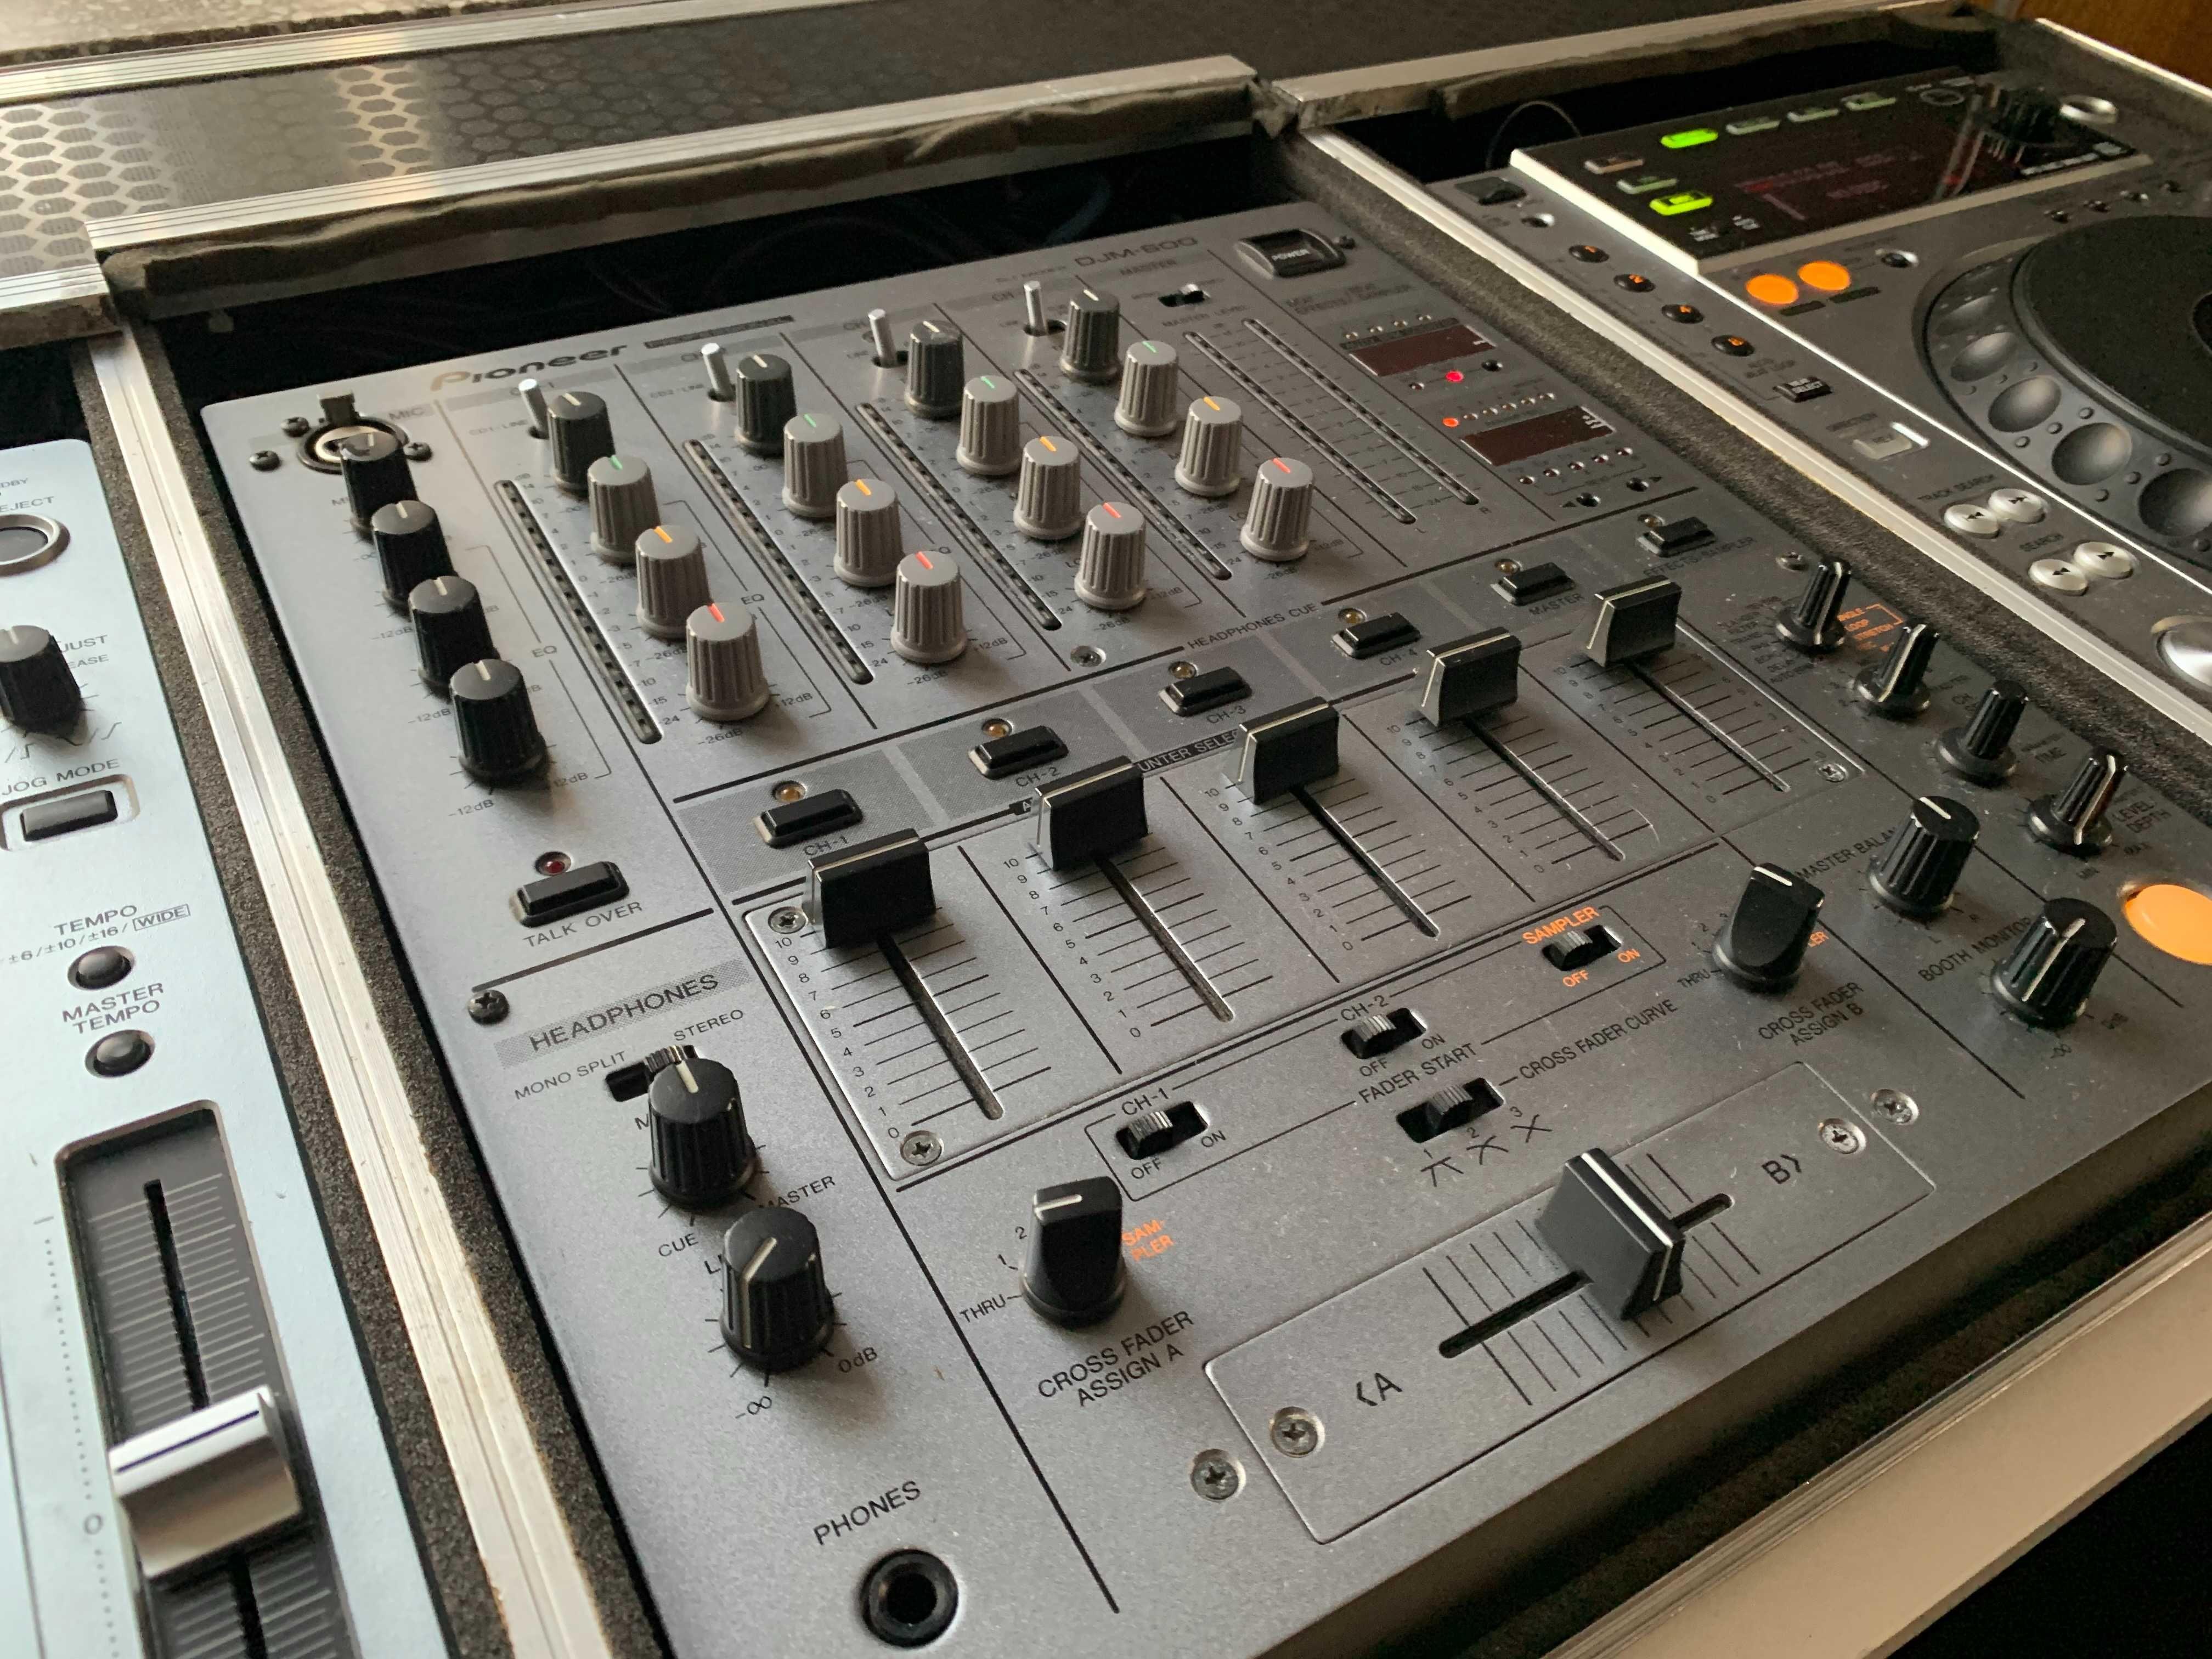 Pioneer DJM-600 + 2x Pioneer CDJ-850 + Case